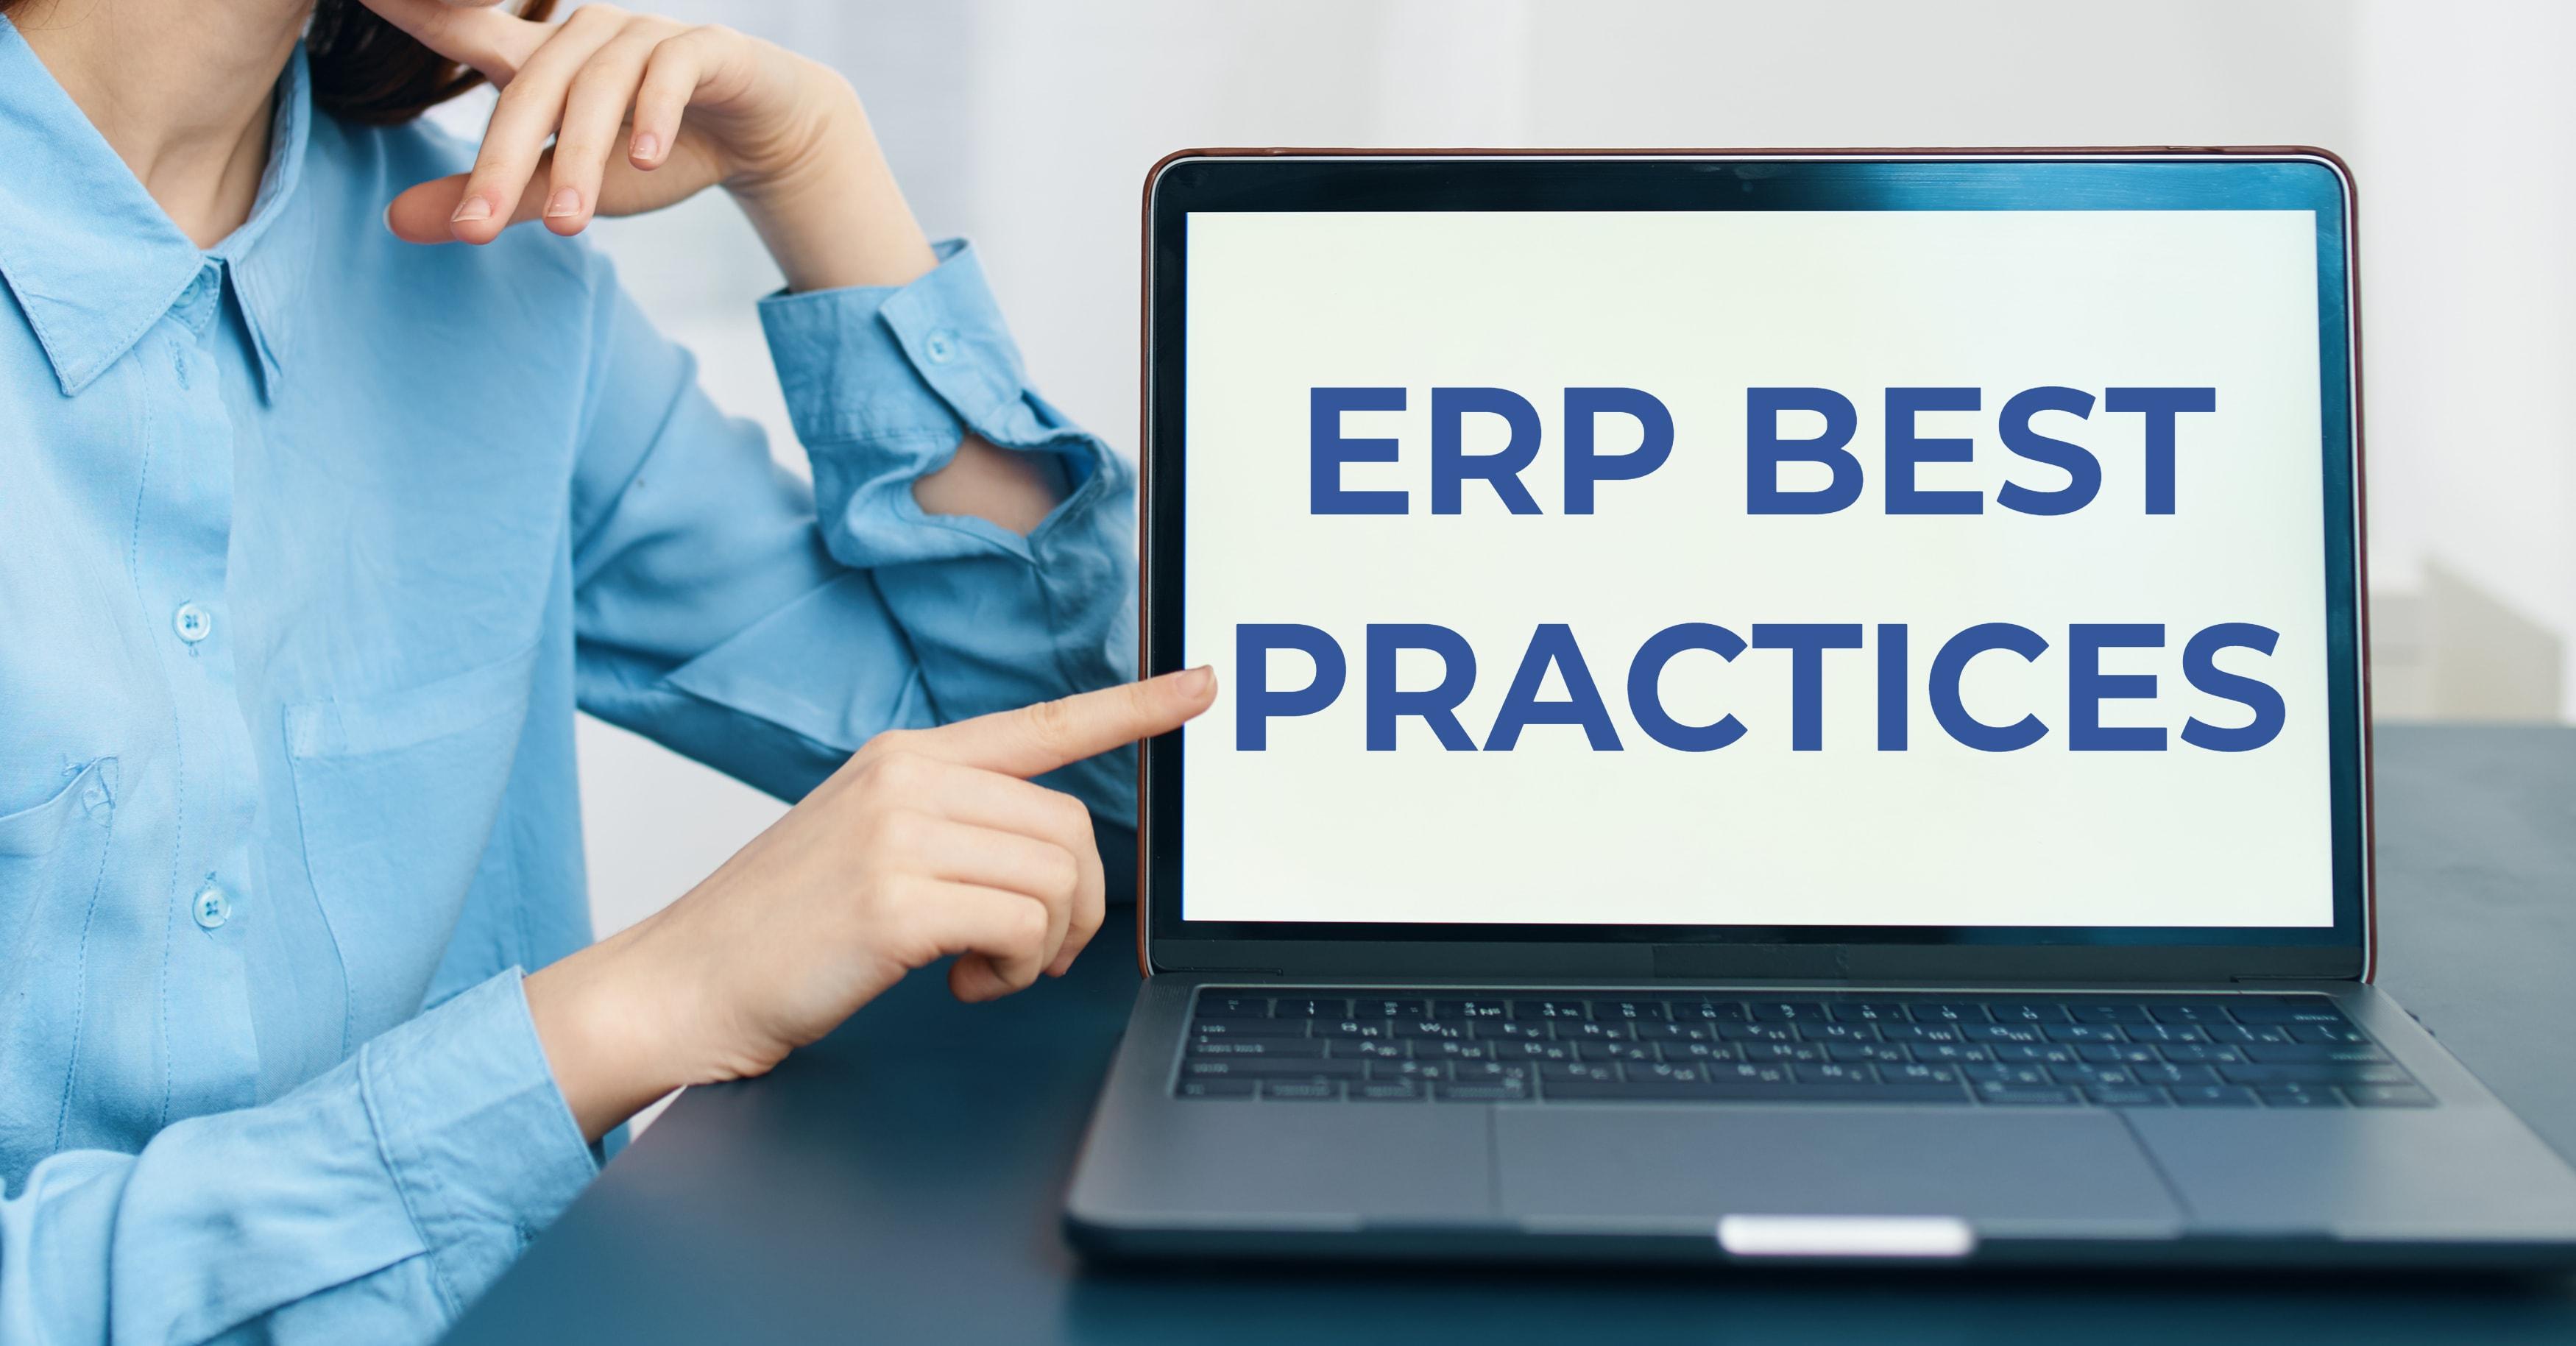 ERP Best Practices